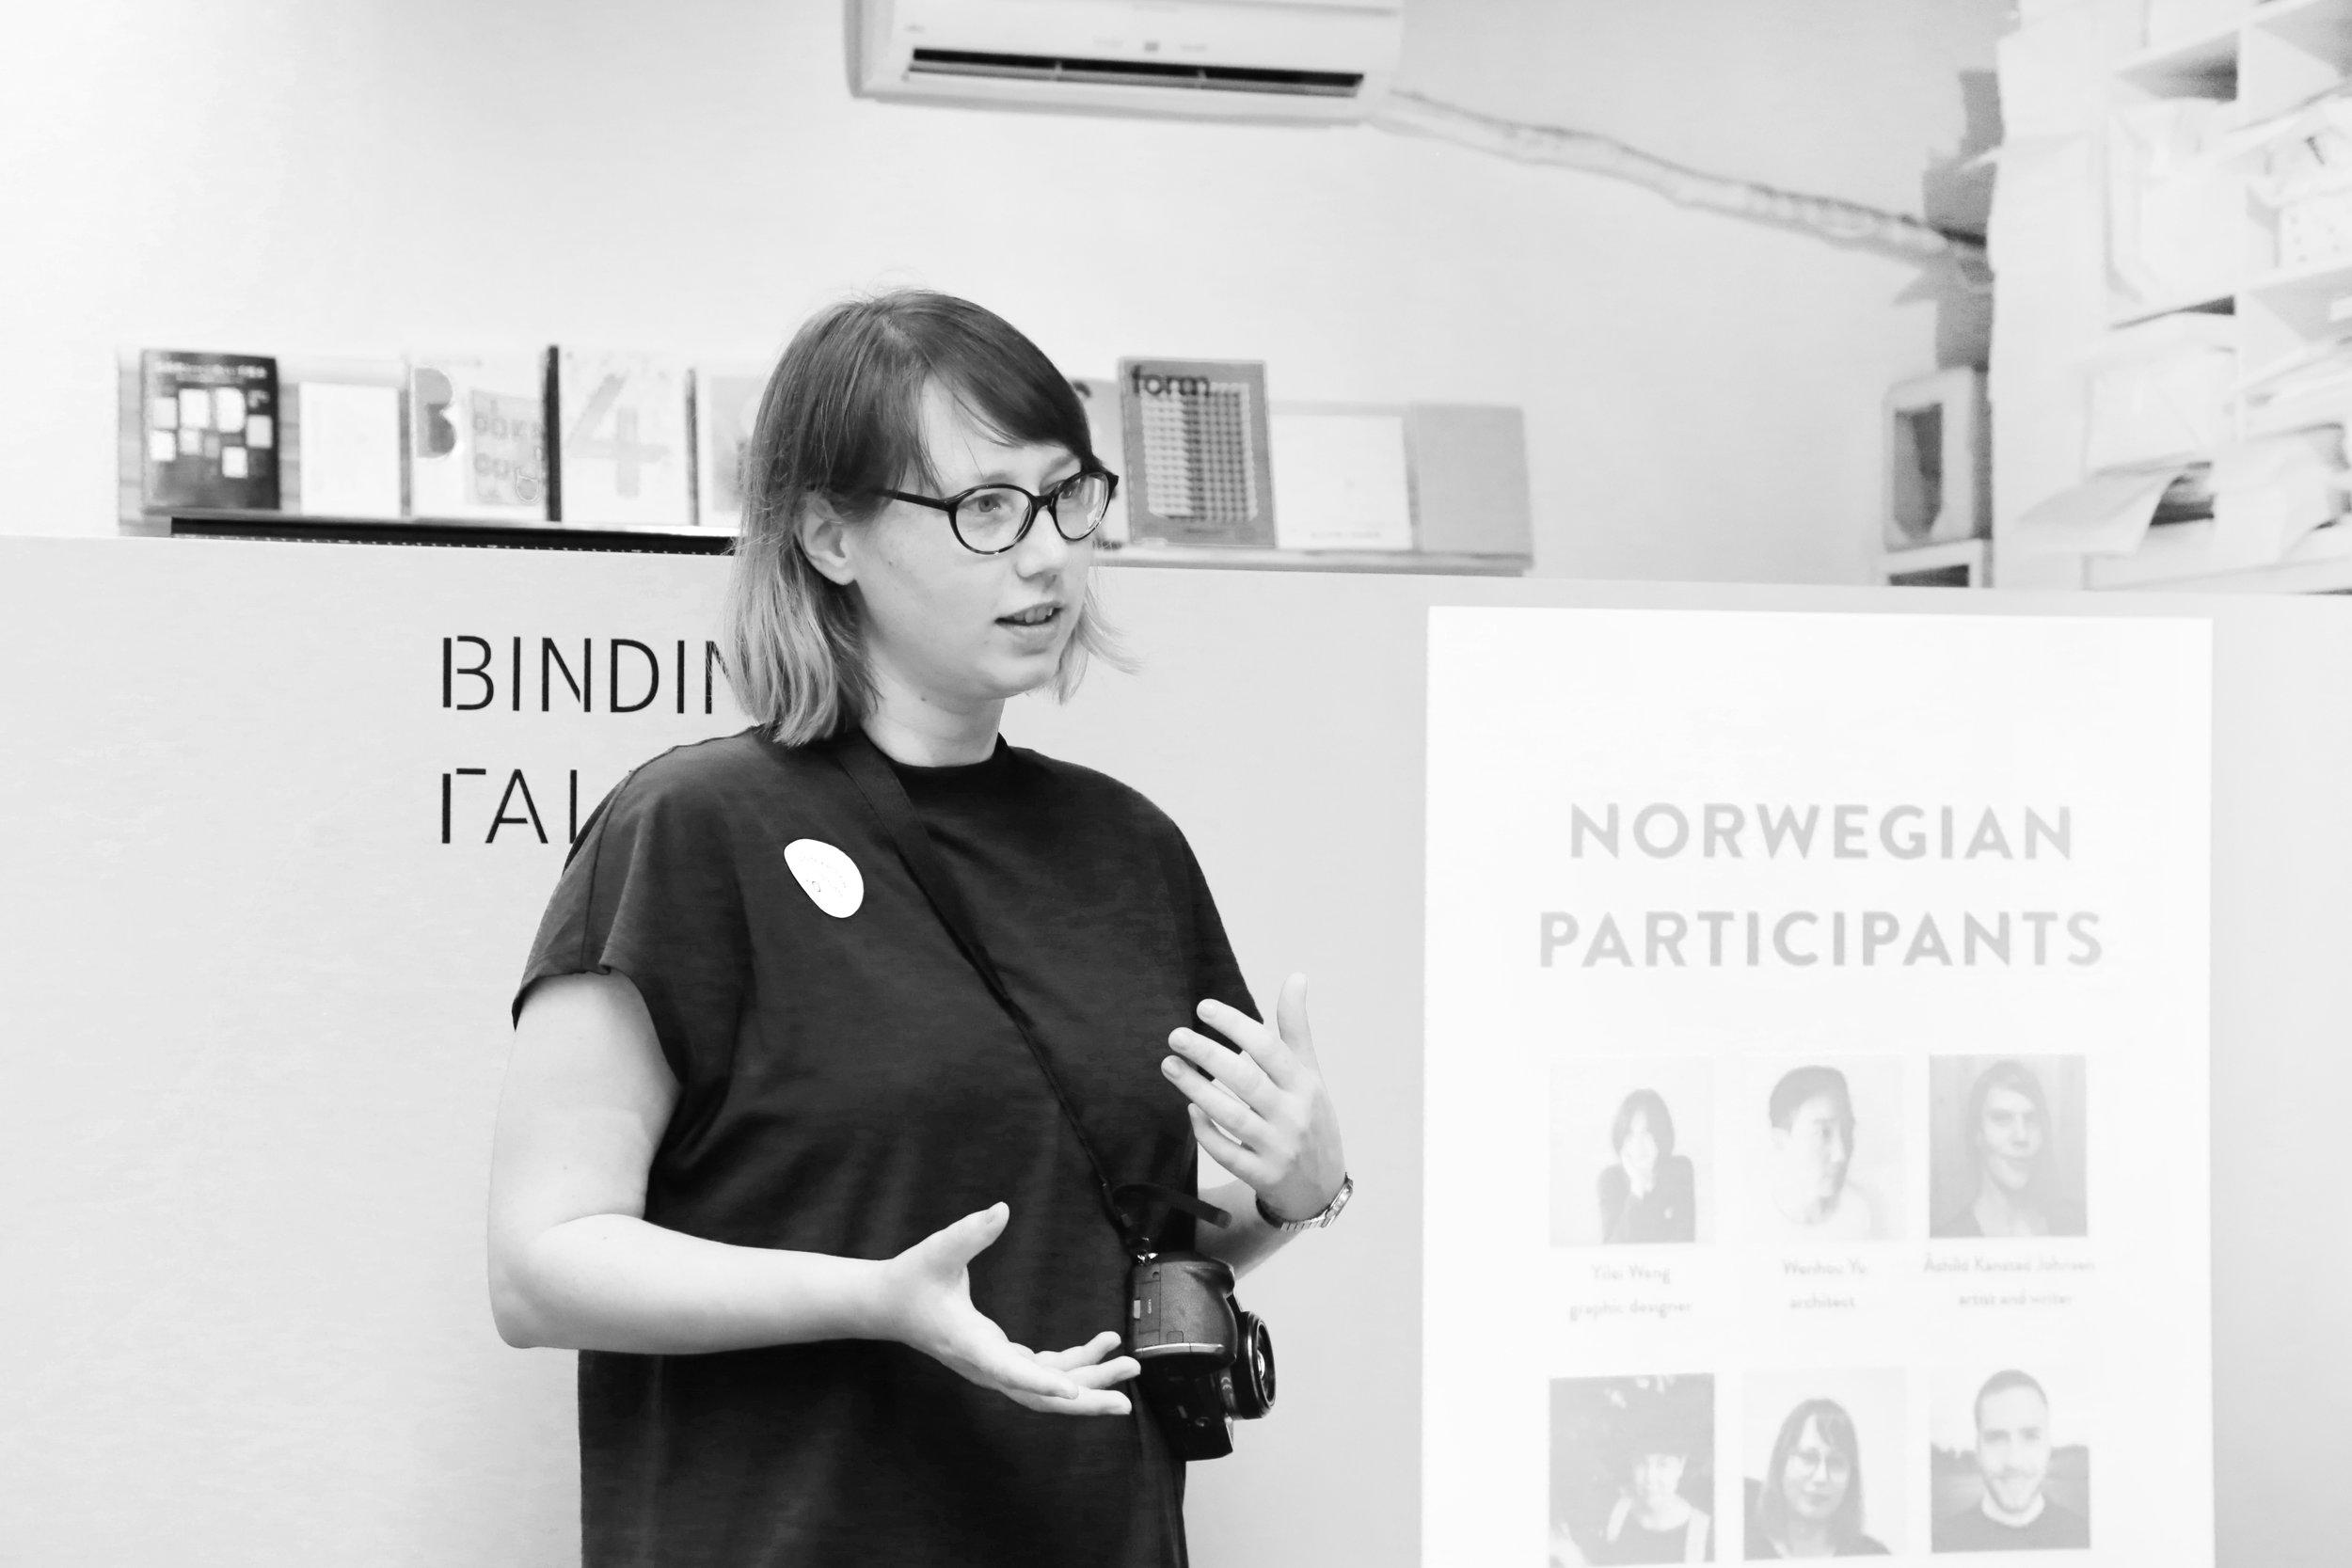 Ann-Kristin Stølan